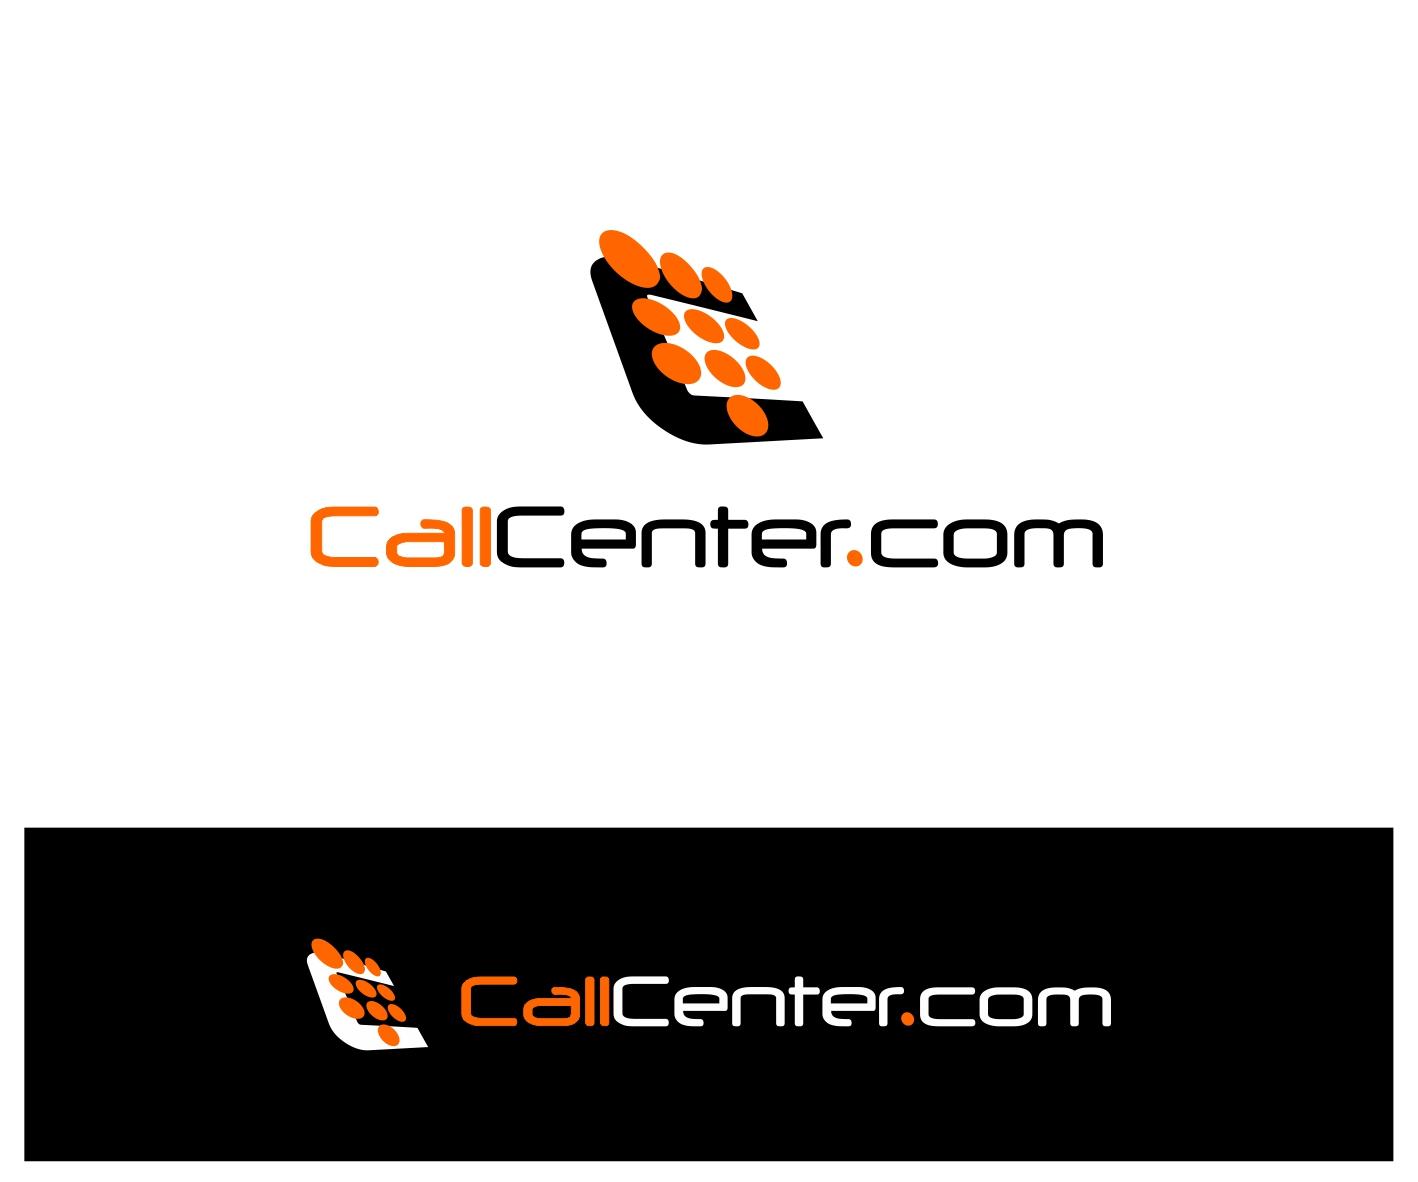 Logo Design by Private User - Entry No. 100 in the Logo Design Contest Captivating Logo Design for CallCenter.com.